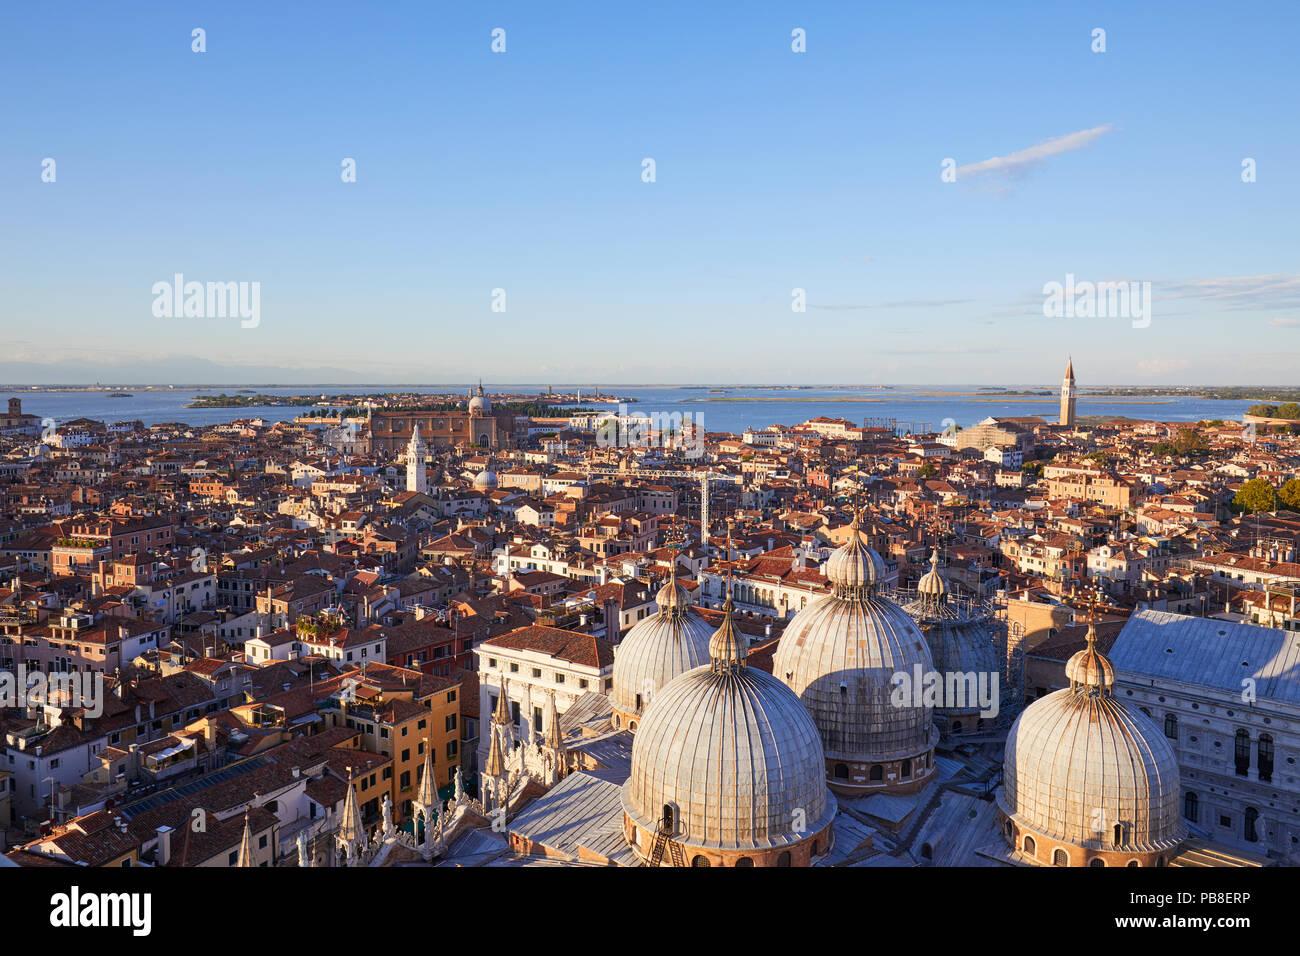 Ansicht von Venedig mit Basilika Kuppeln und Dächer von San Marco Glockenturm vor Sonnenuntergang, Italien Stockbild